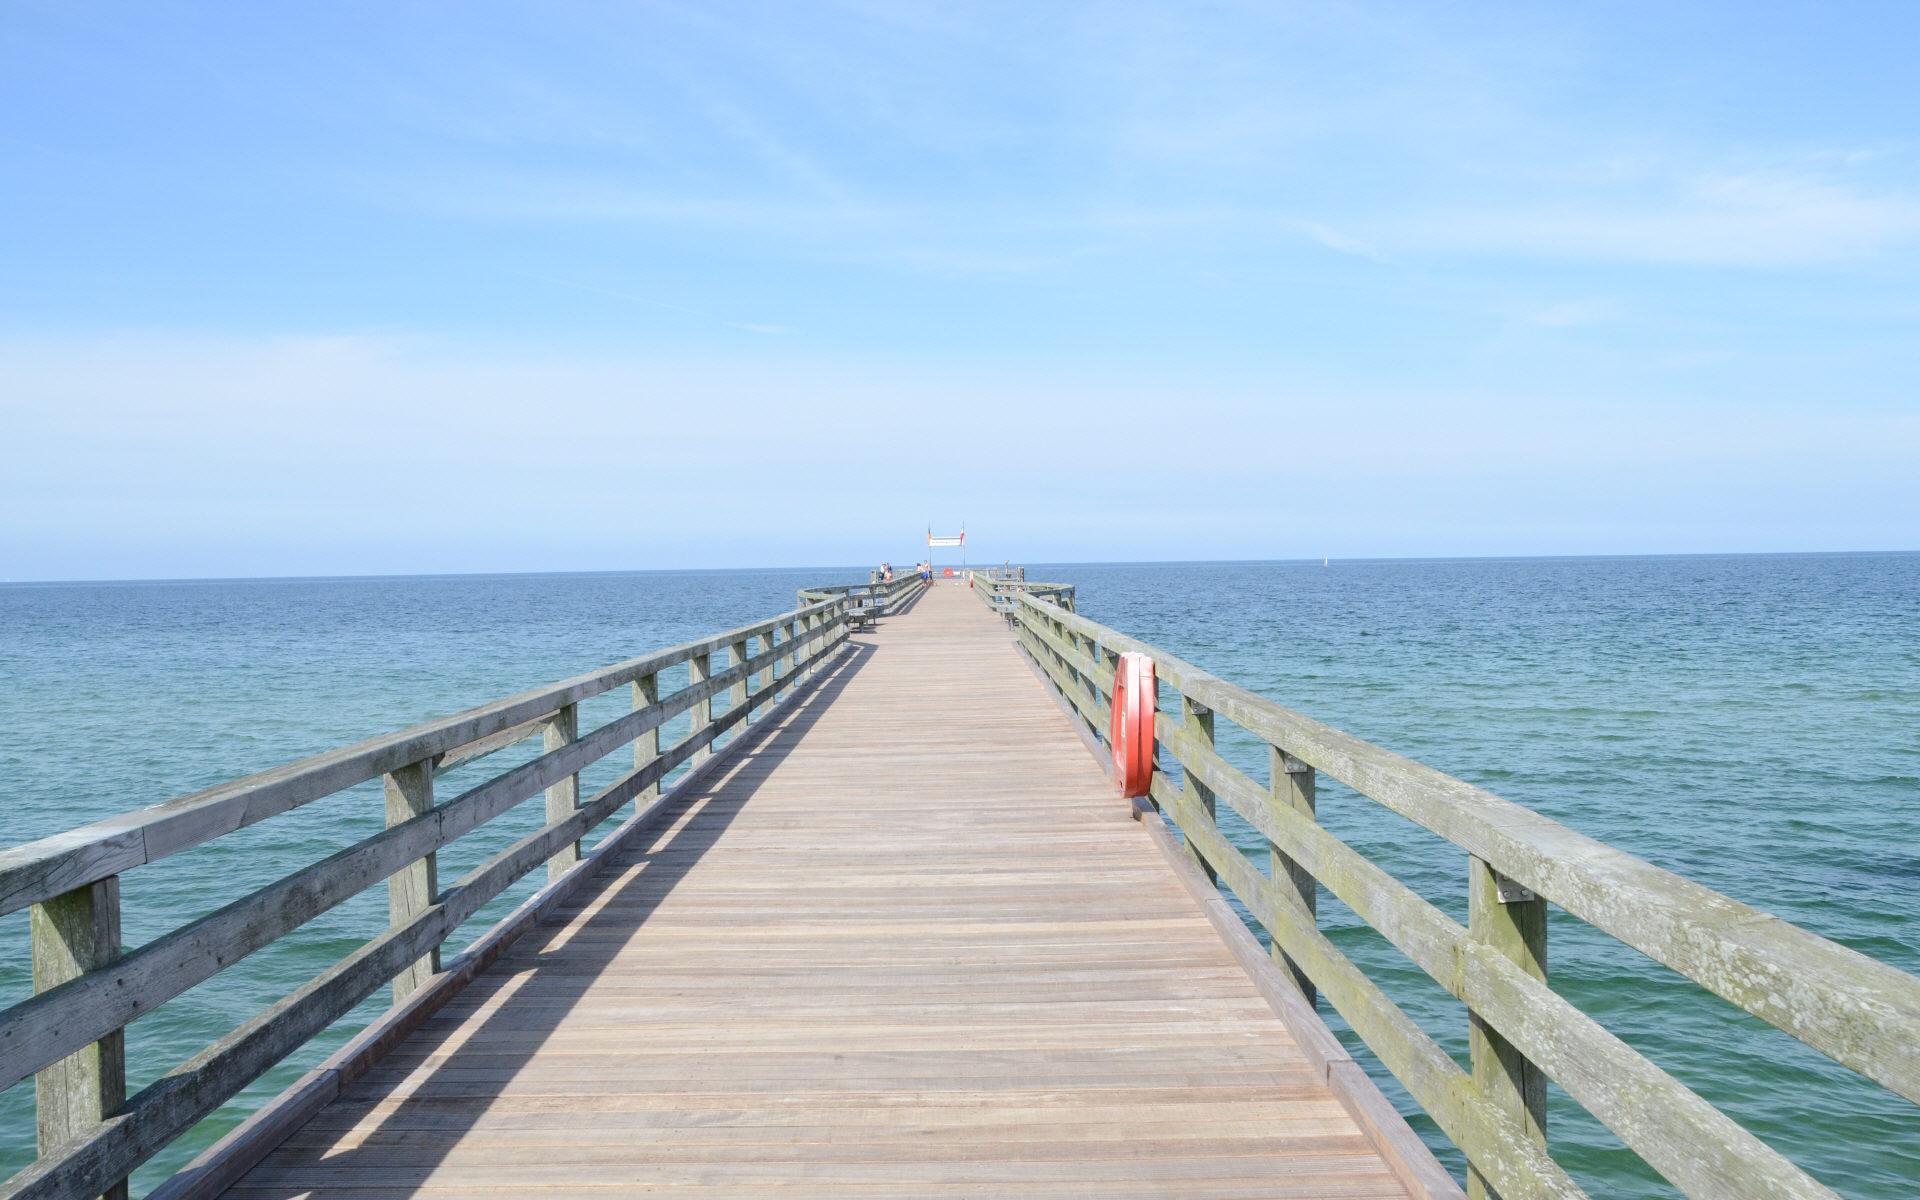 Wellness hintergrundbilder  HD Wallpaper - Hintergrundbilder - Strandbilder vom Schönberger Strand